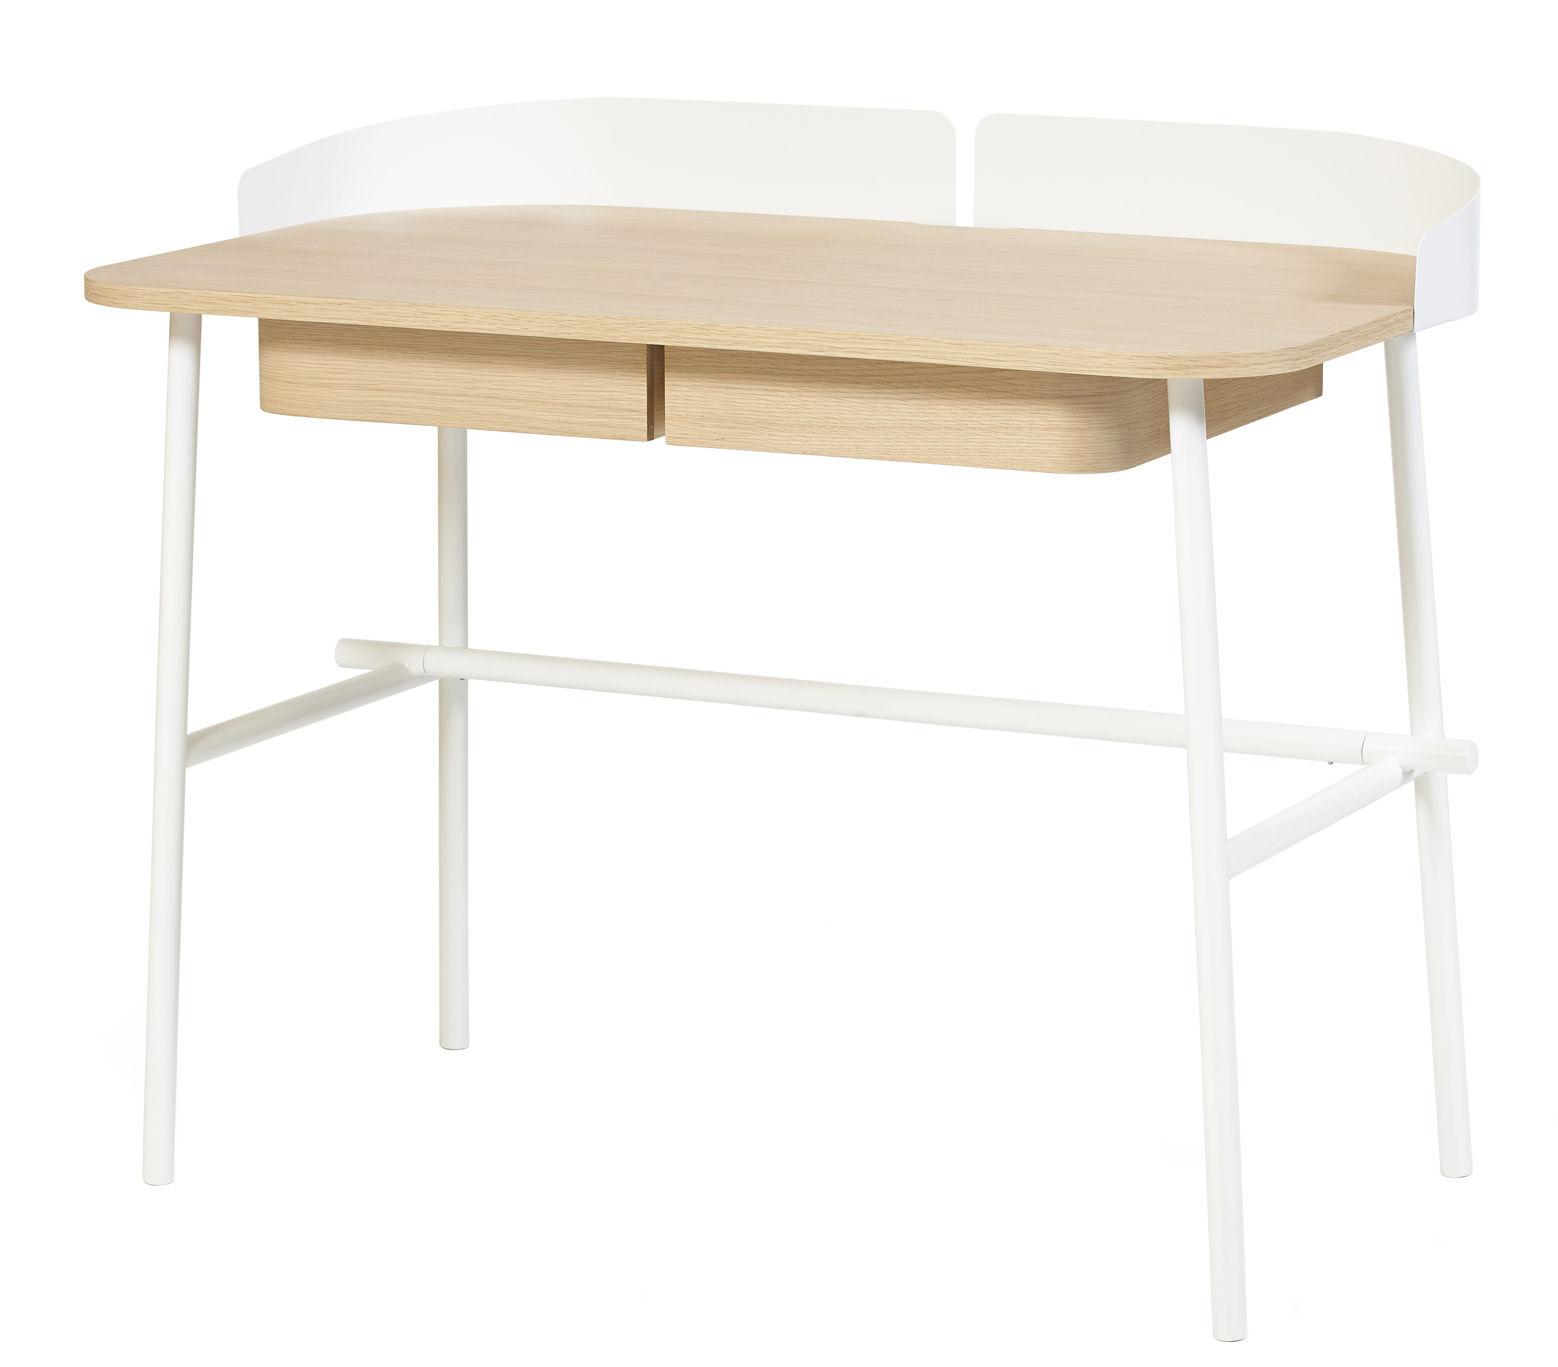 Möbel - Büromöbel - Victor Schreibtisch - Hartô - Weiß / holzfarben - eichenfurnierte Holzfaserplatte, lackiertes Metall